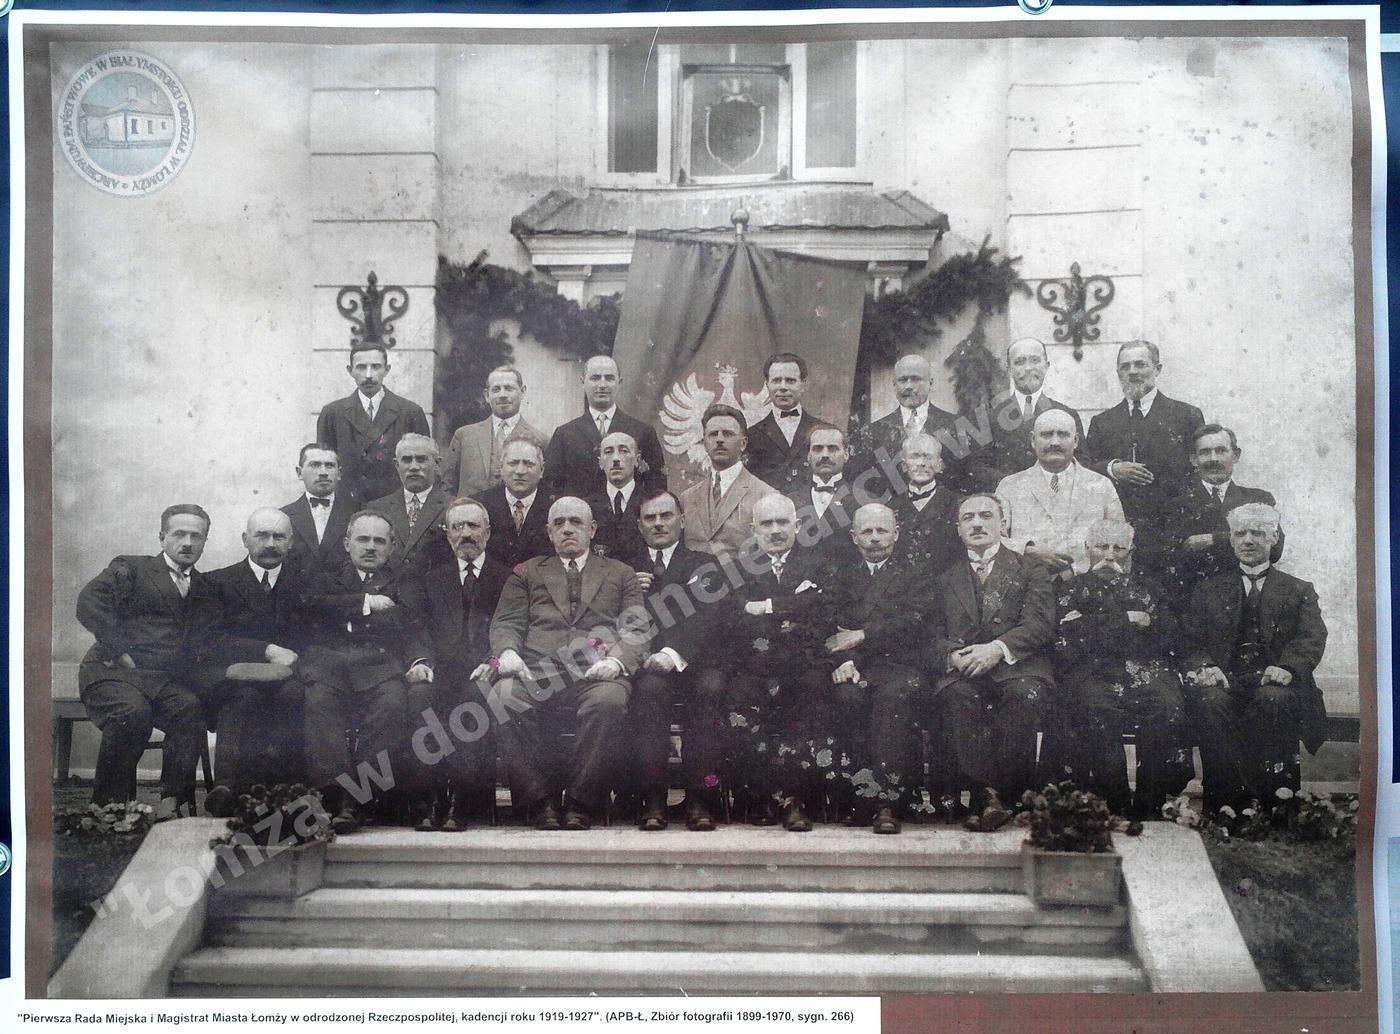 Pierwsza Rada Miejska w Łomży kadencja: 1919-1927 od lewej siedzą: Radny K. Winnicki; Ławnicy: Br. Łada, A. Antosiewicz, H. Epsztejn, D-r Sz. Pełtyn, Prezydent Wł. Świderski, Prezes Rady K. Antosiewicz, Vice-prezes R. Bielicki, Sekretarz Rady D-r J. Karbowski; Radni: A. Karaszewski, Wt. Żalek; stoją w pierwszym rzędzie: A. Domowicz, M. Orłowski, D-r Sz. Goldiust, P. Gajst, D-r M. Czarnecki, J. Brański, W. Bielicki, Fr. Hryniewicz, B. Podsiad; stoją w drugim rzędzie: K. Jarosieński, M. Garbarski, B. Cukierbraum, M. Fuhrer, B. Giedrojć, H. Mark, J. Giełczyński.